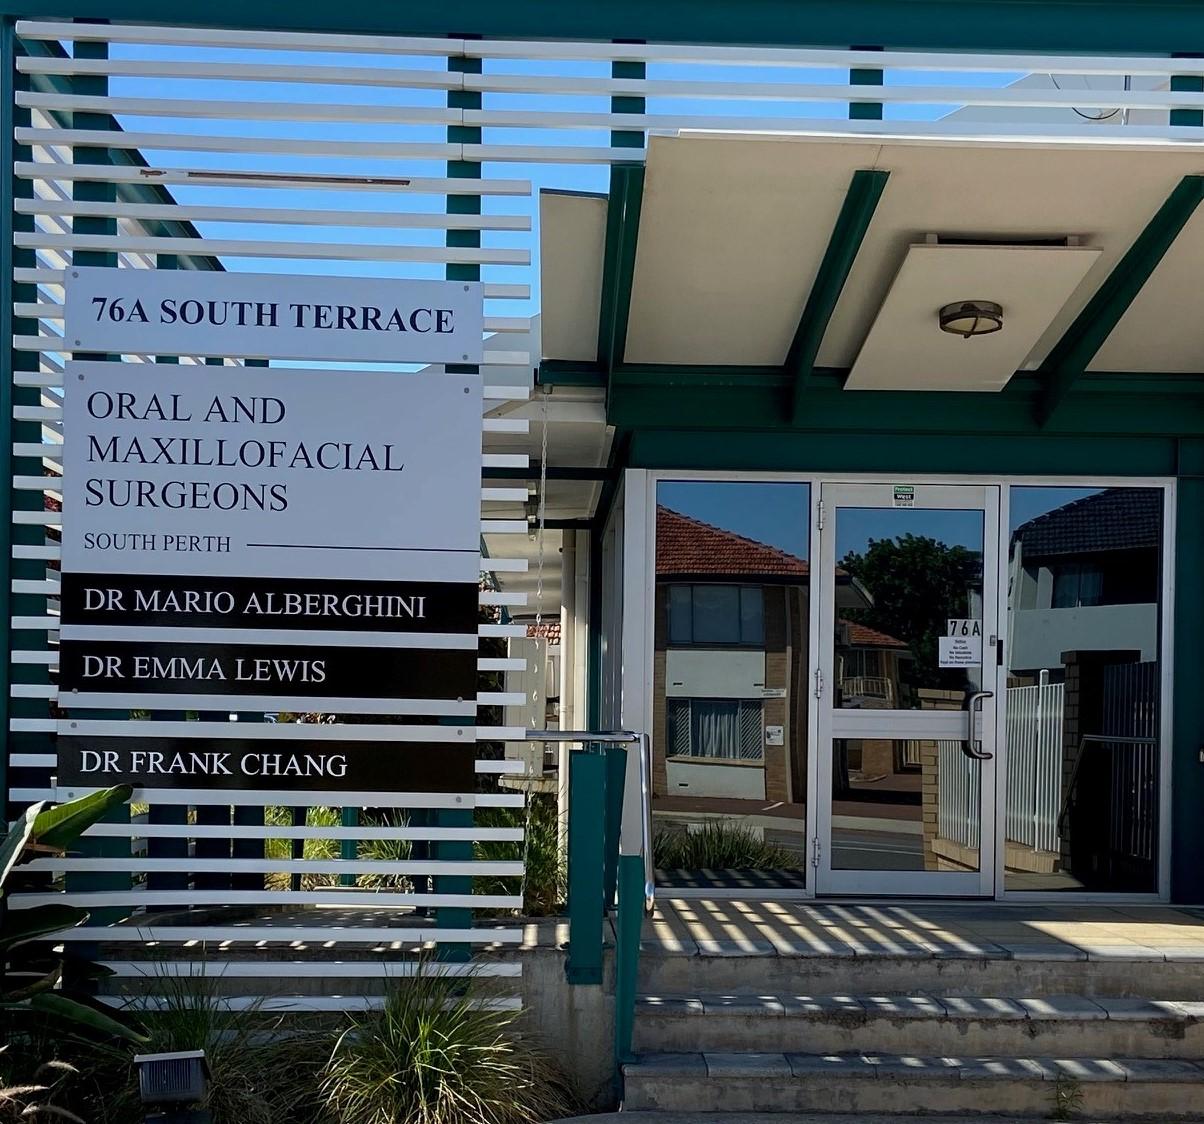 Oral and Maxillofacial Surgeons South Perth